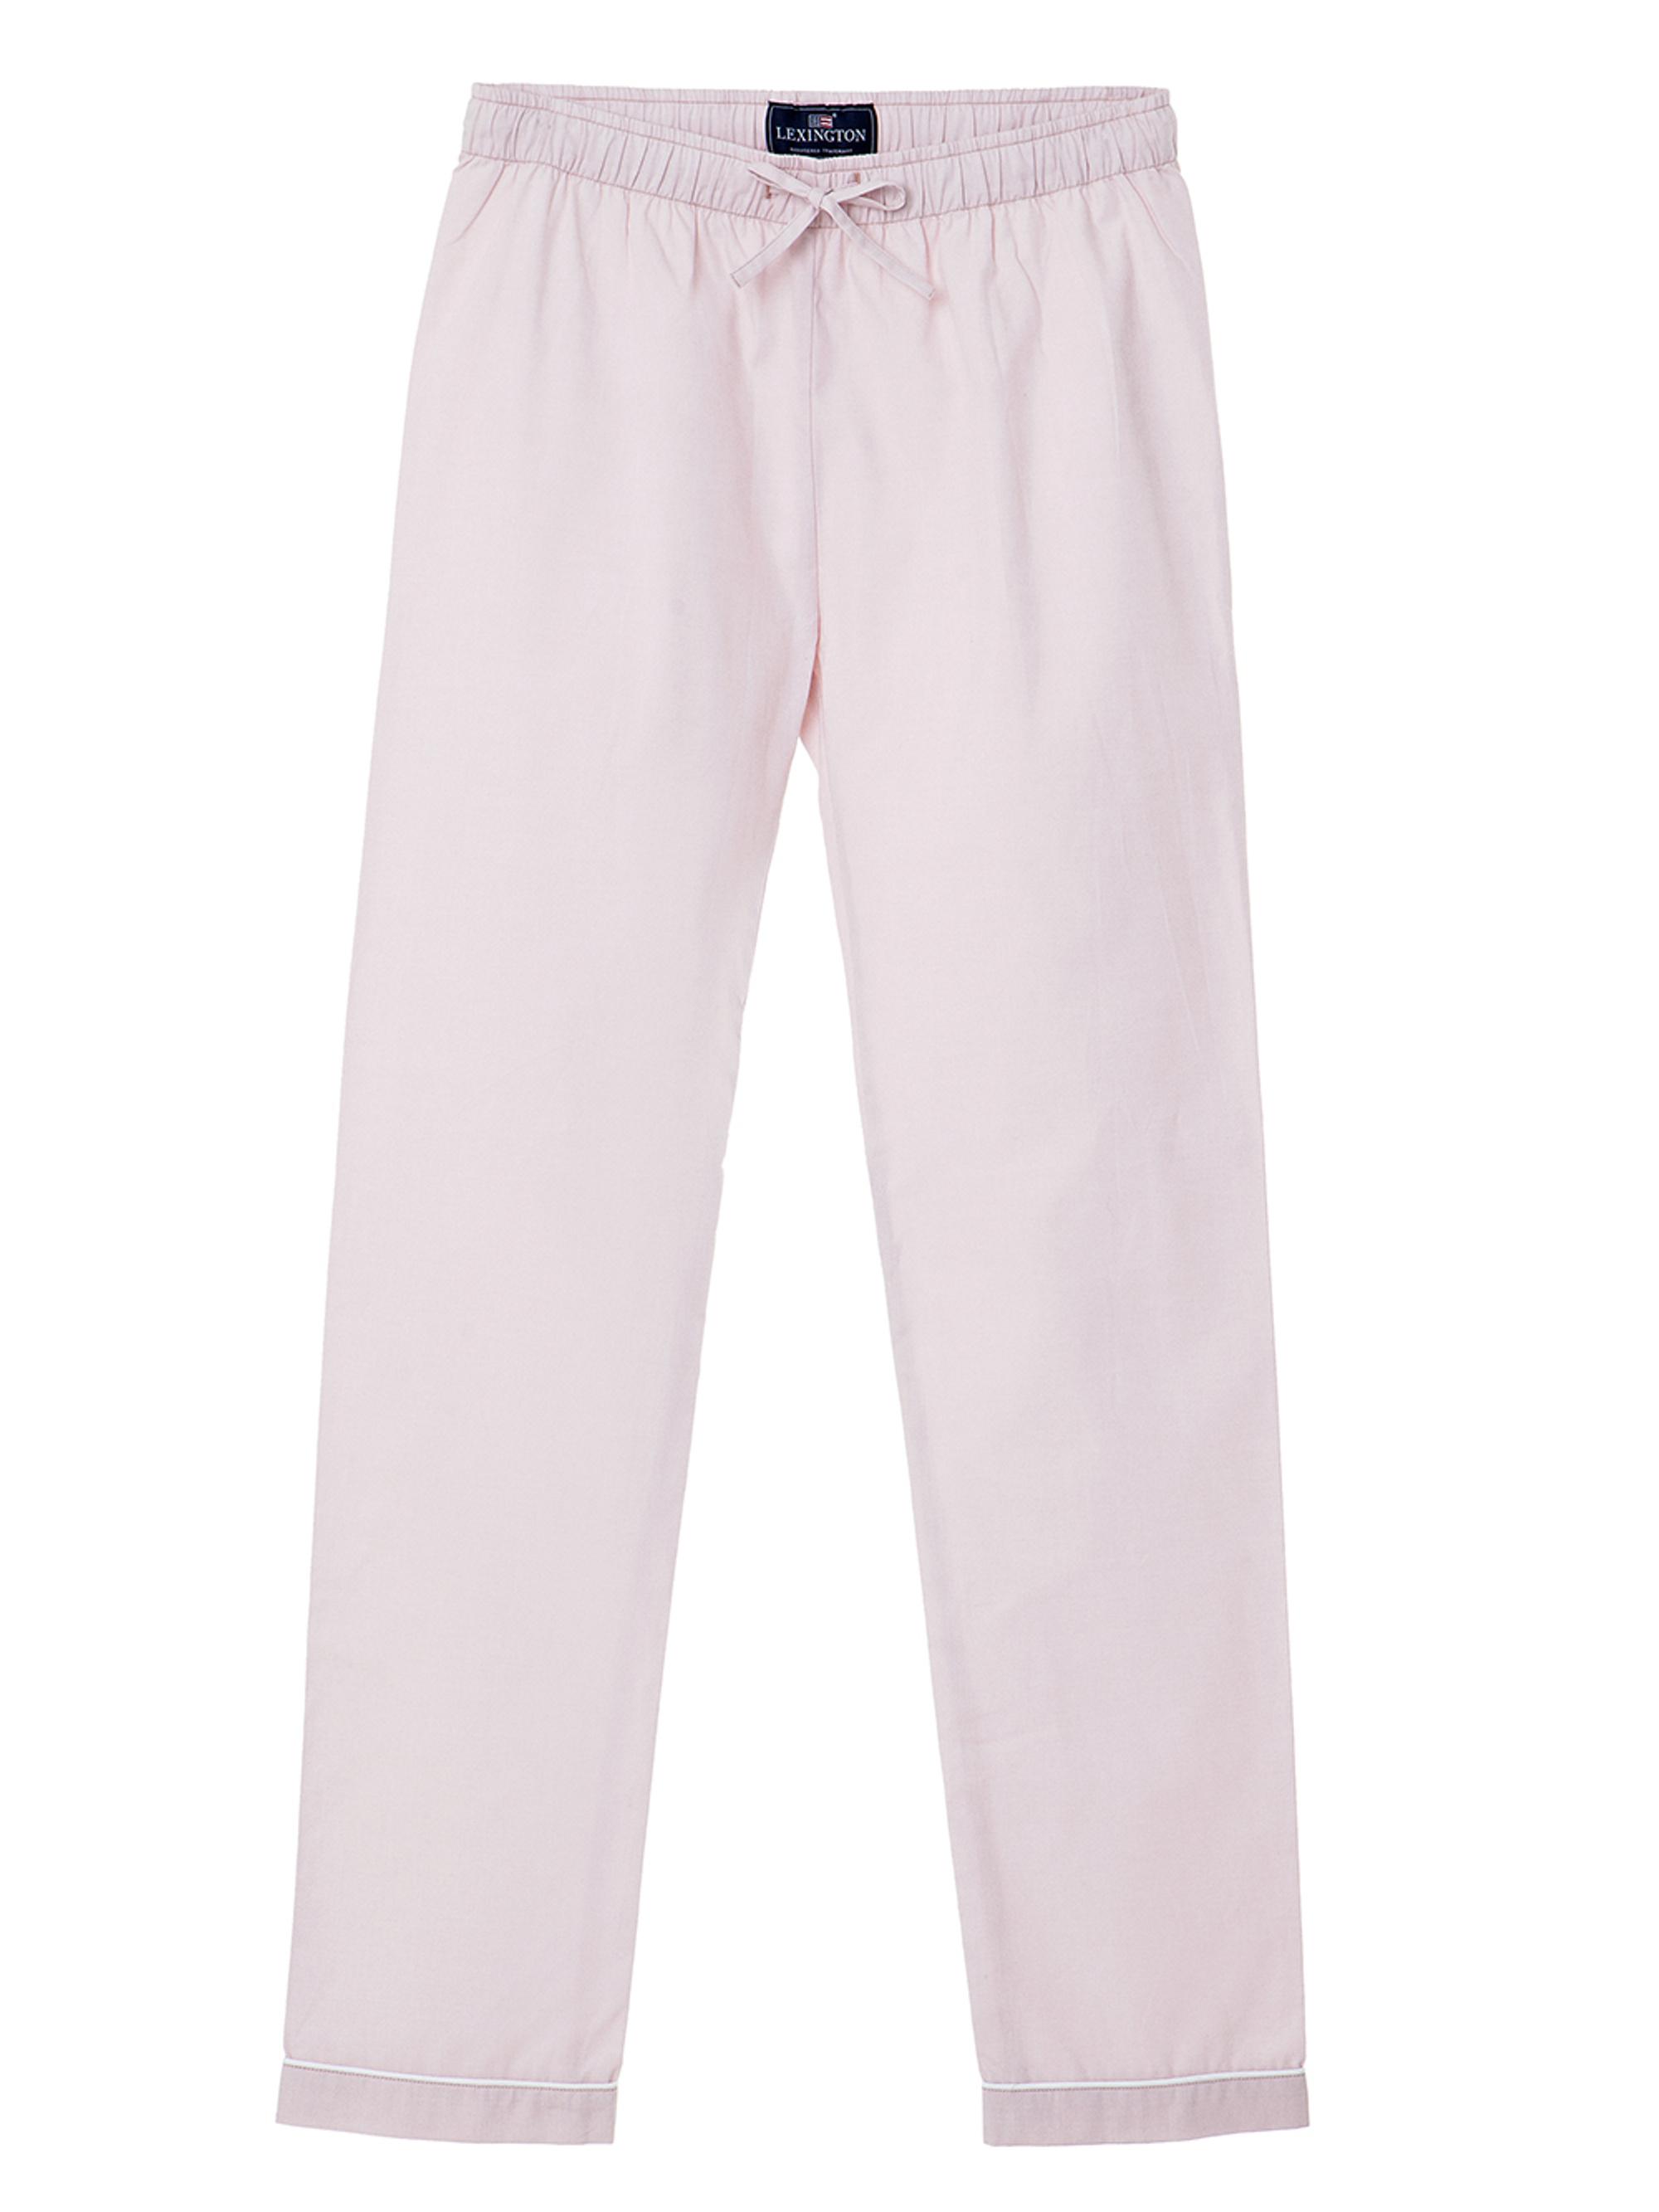 Shima Pajama, White/Pink